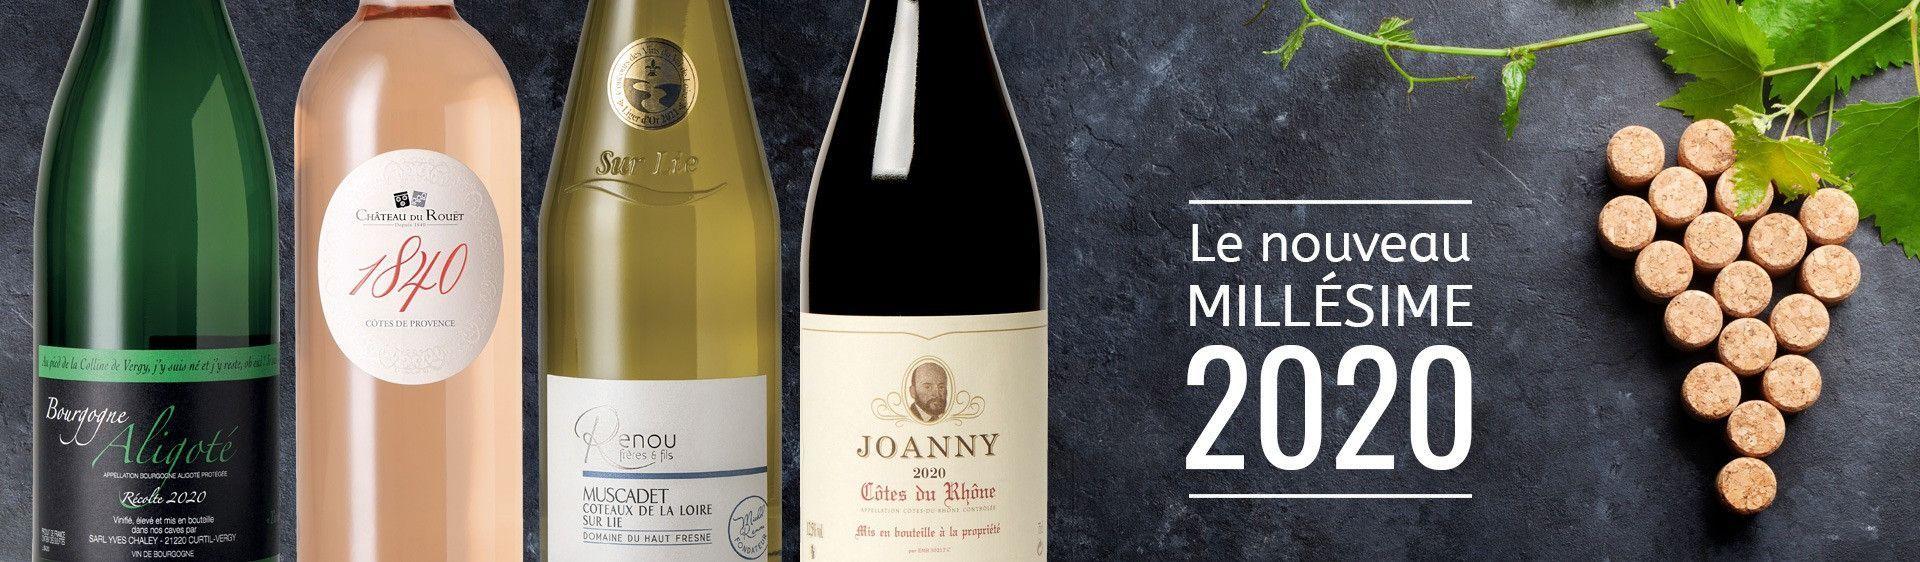 Vente de Vin en Ligne, Rouge, Blanc, Rosé, Grand Cru, AOC - Viniphile